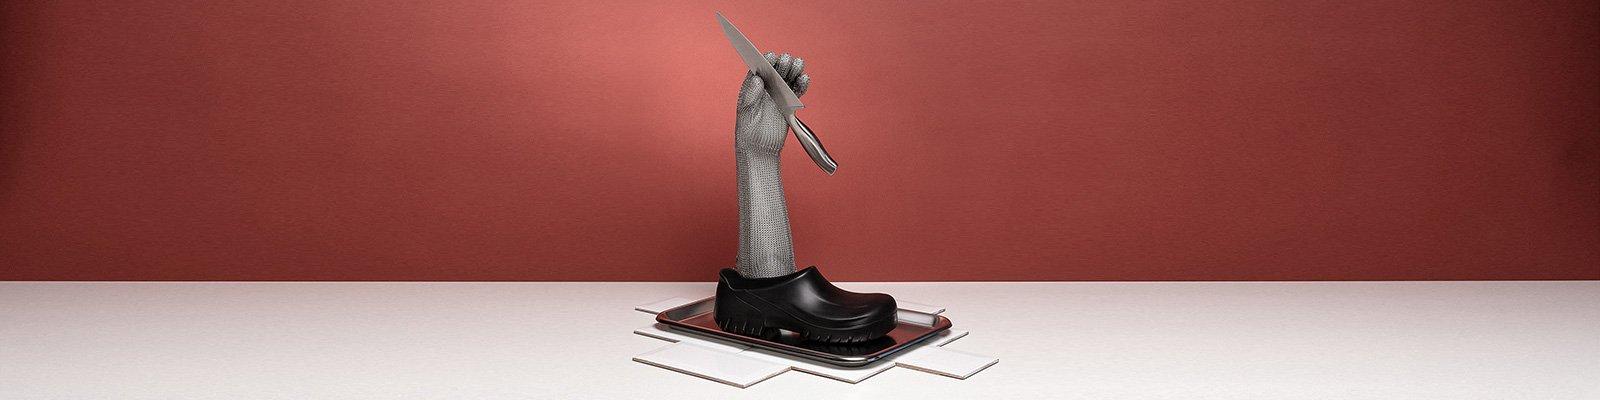 корица на професионални работни обувки BirkenStock с ресторантьорско оборудване